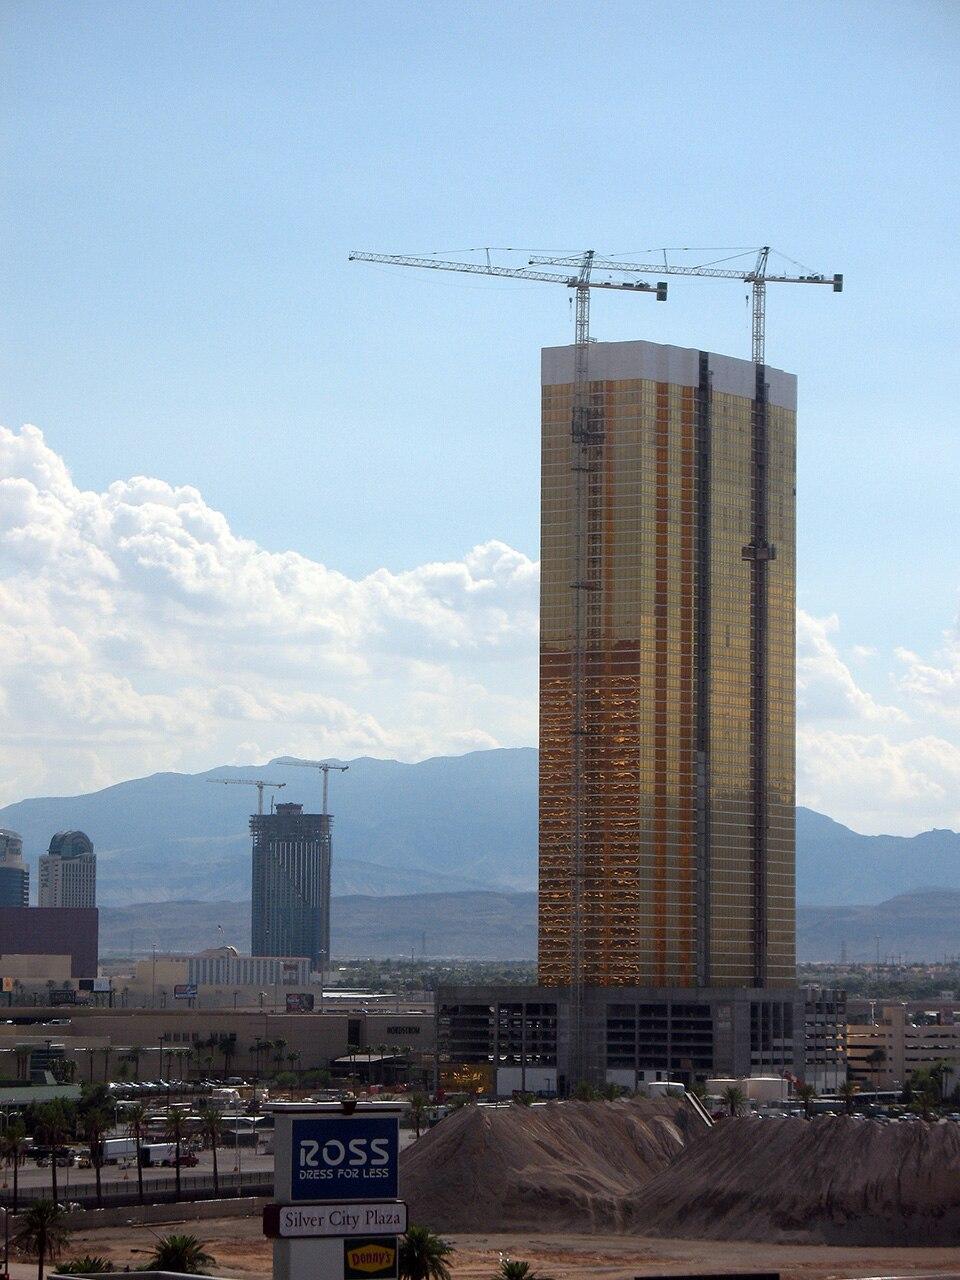 Trump Tower Las Vegas - August 2007